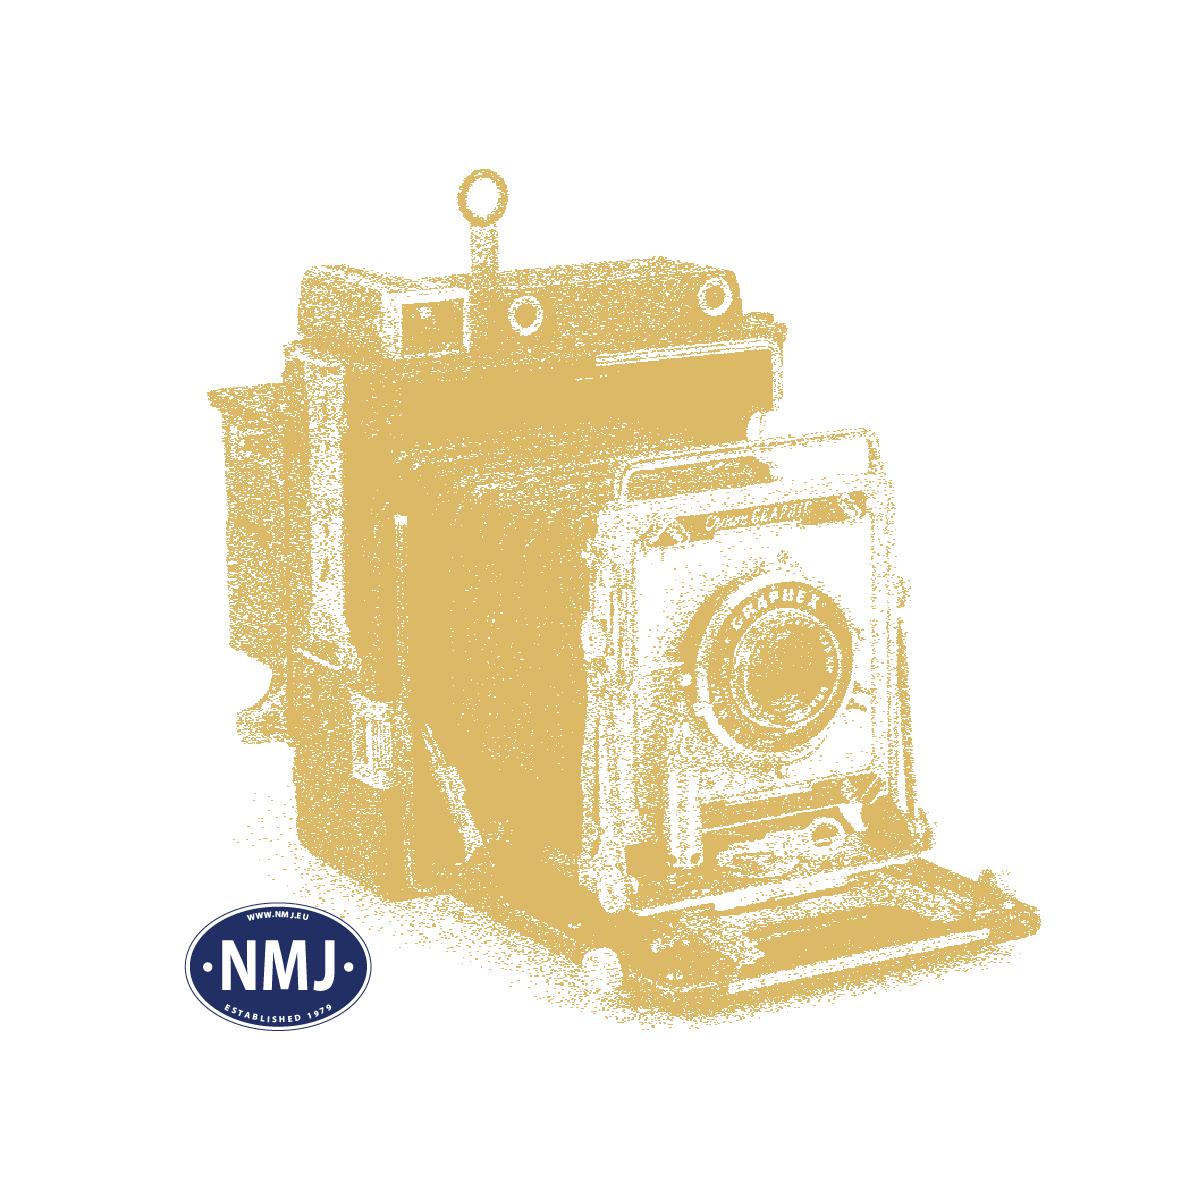 NMJT9938 - Frontvinduer for El11b